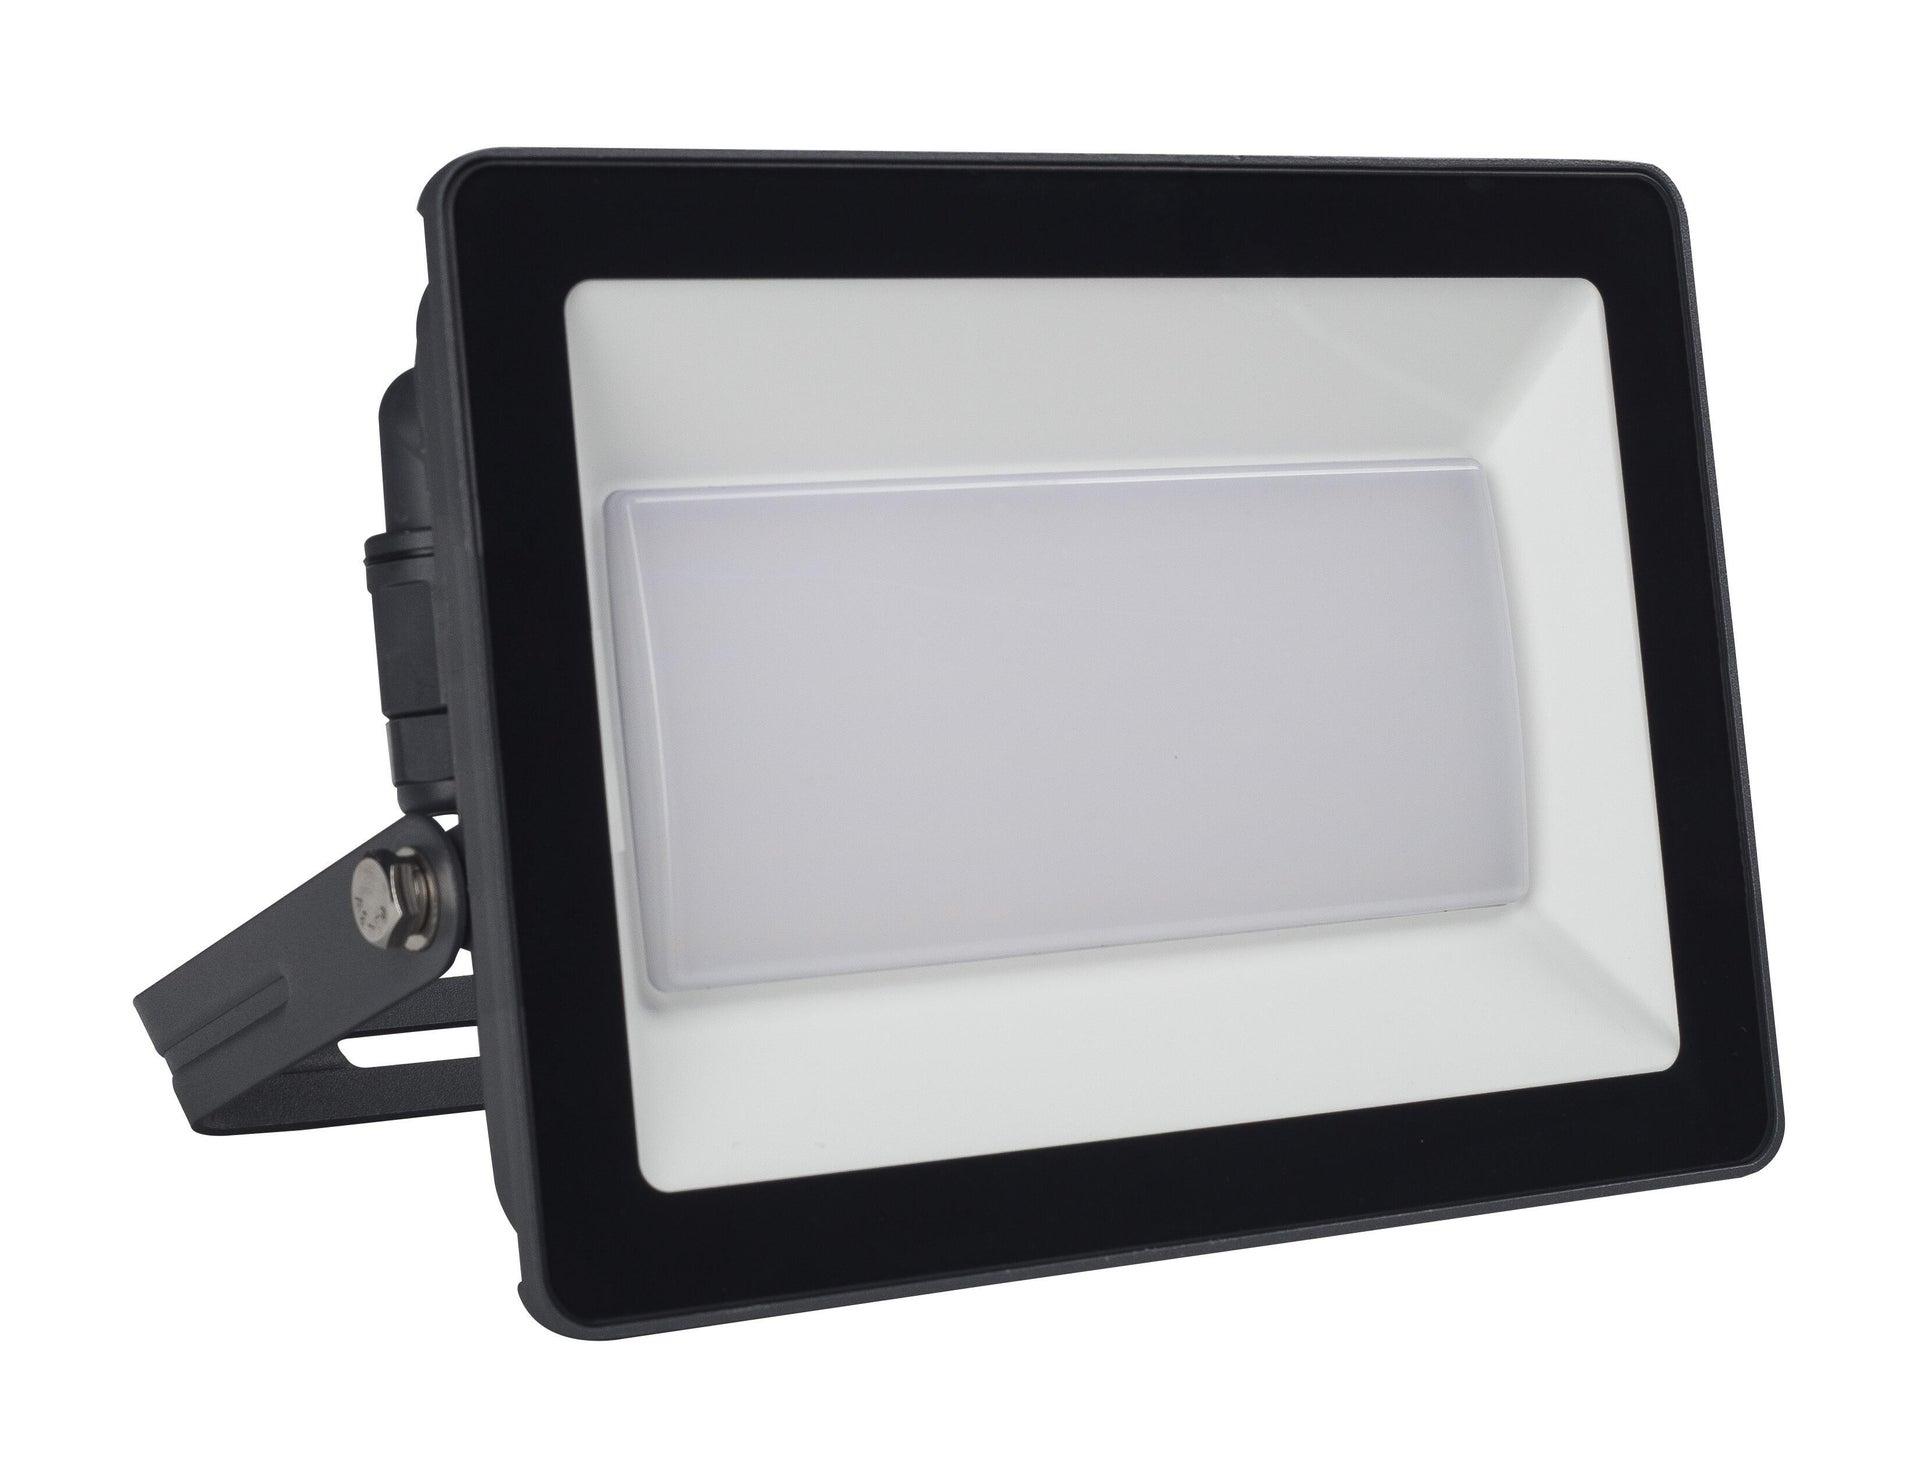 Proiettore LED integrato Yonkers in alluminio, antracite, 100W 6500LM IP65 INSPIRE - 2